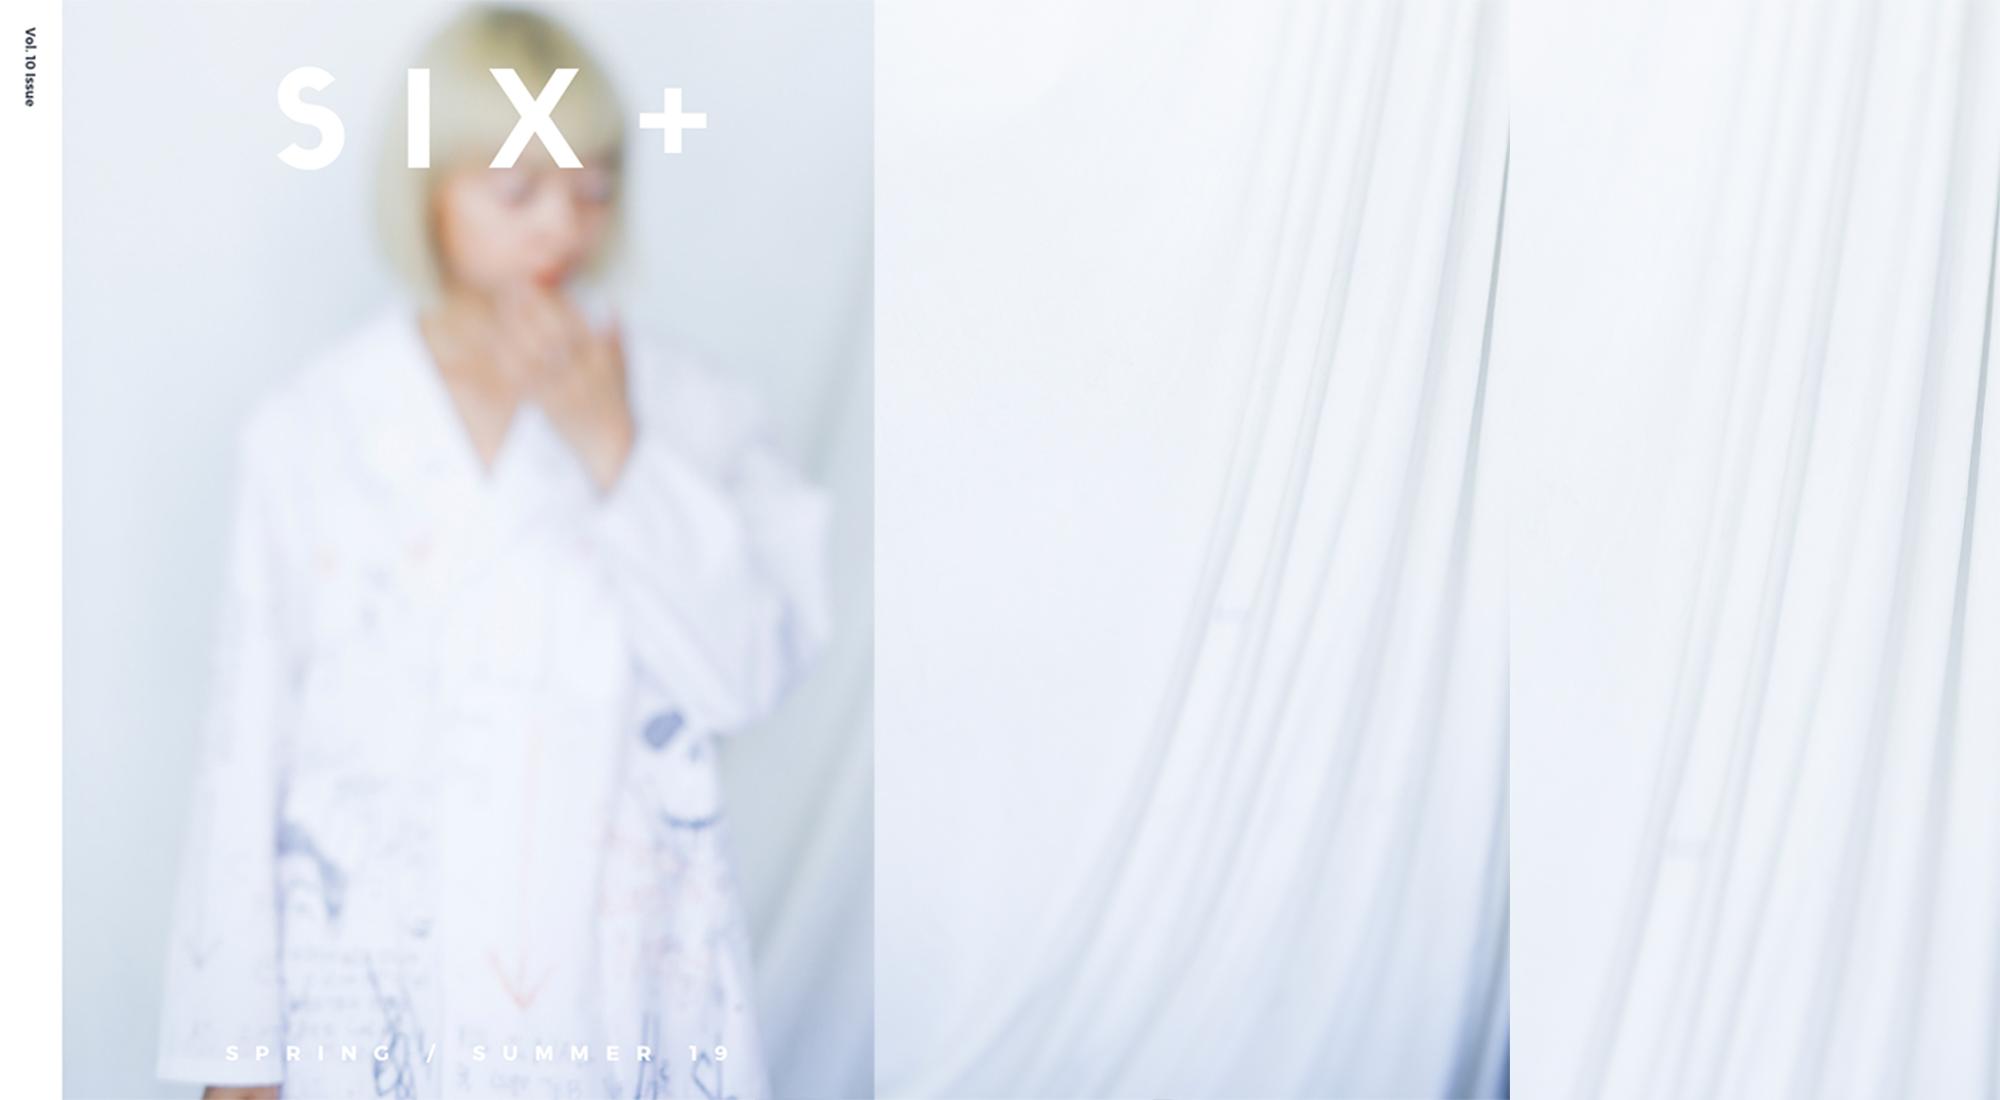 6+ | 名古屋市瑞穂区の美容院 SIX(シックス)